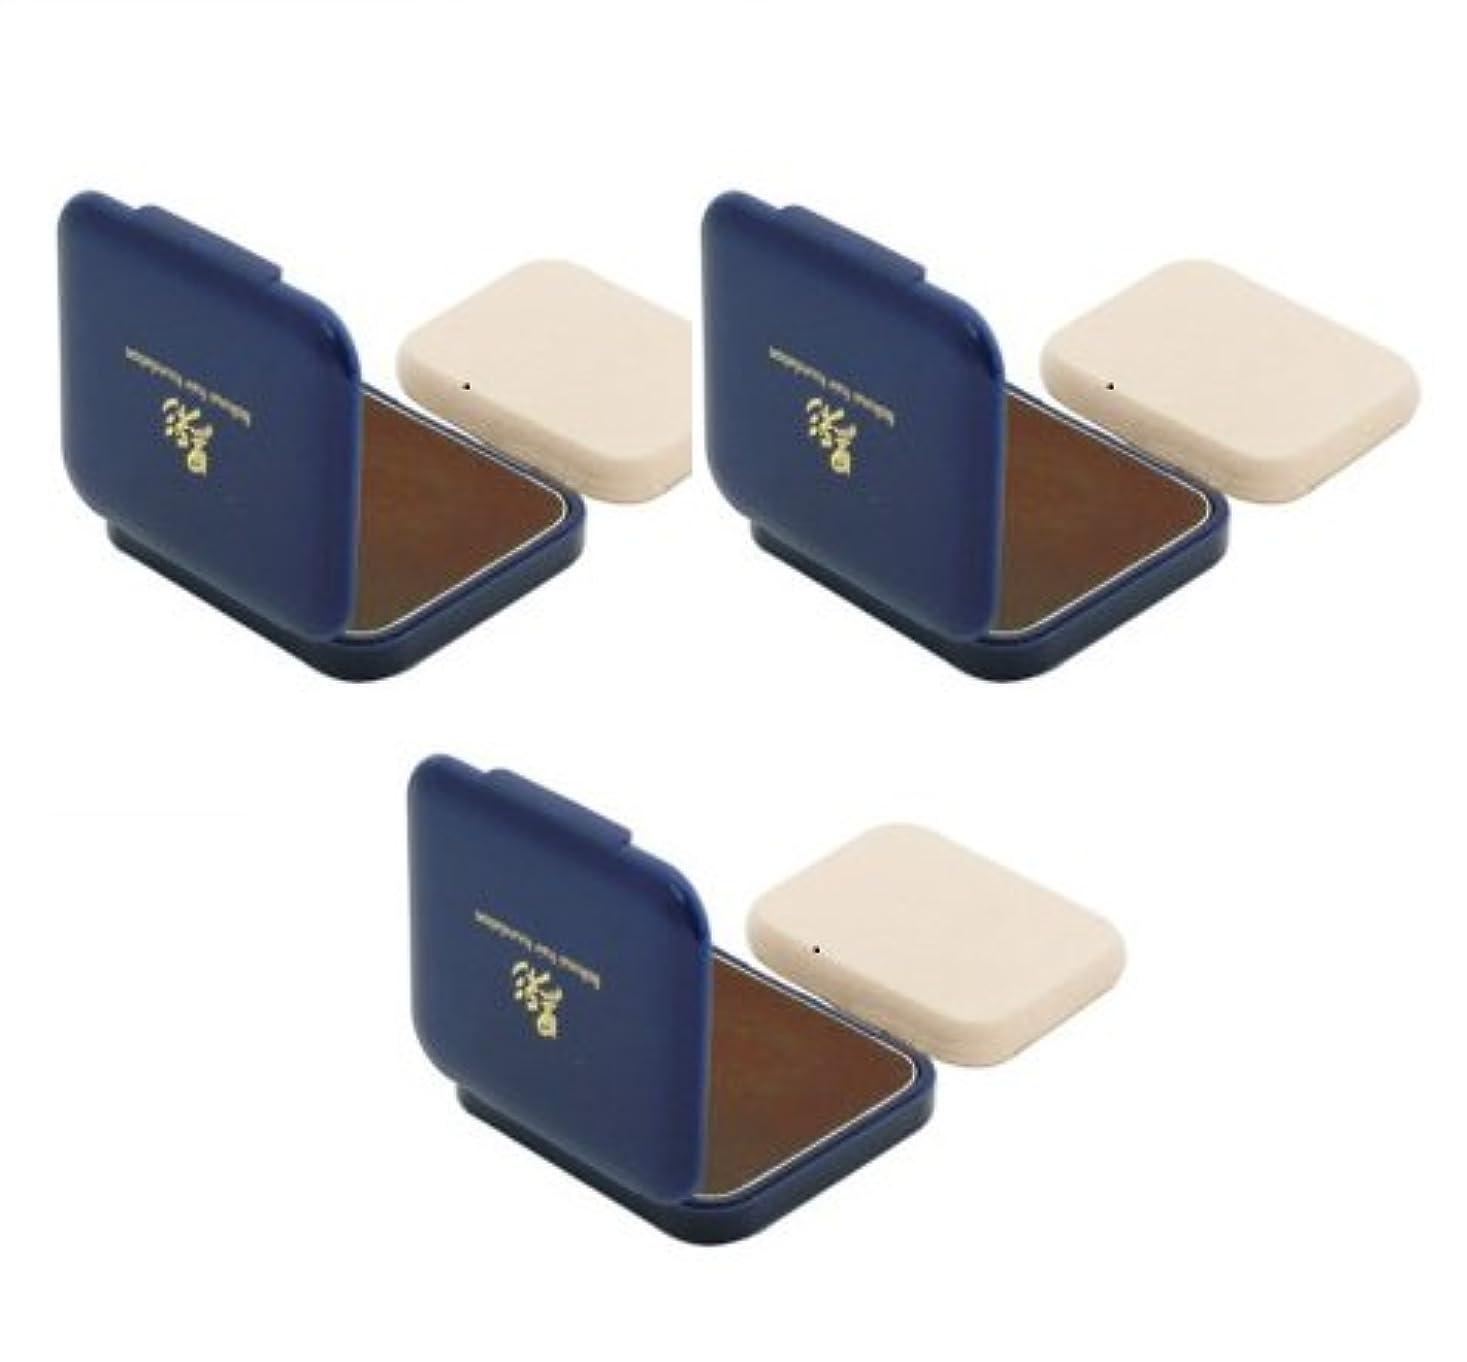 トーストモデレータ成り立つ【3個セット】アモロス 黒彩 ヘアファンデーション 詰替用 内容量13g (茶)